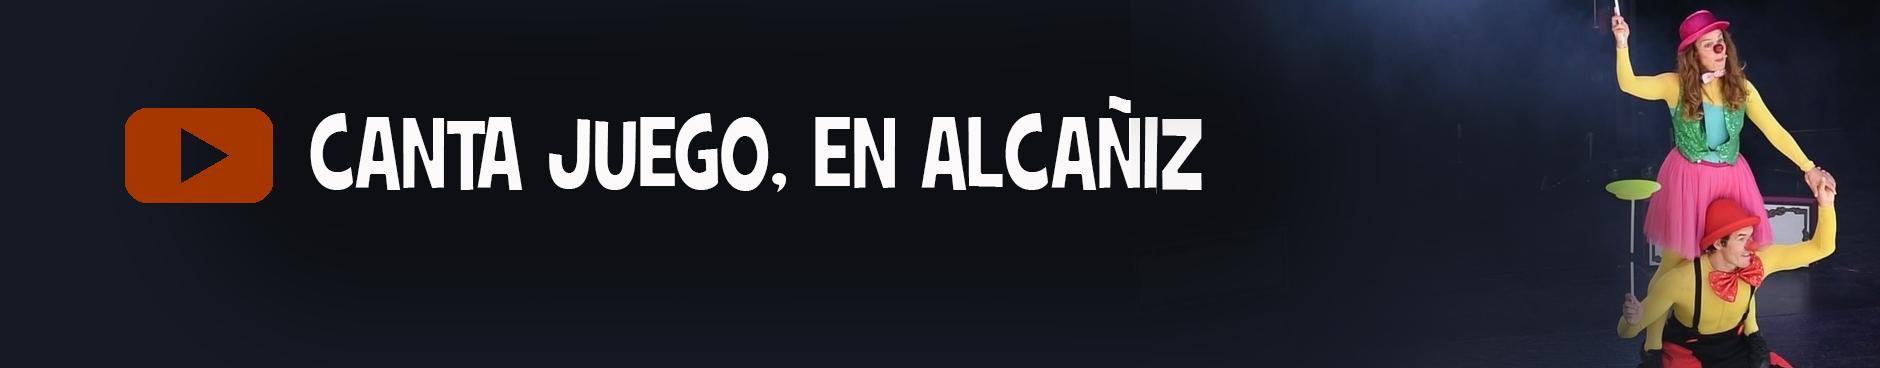 Canta Juegos, en Alcañiz